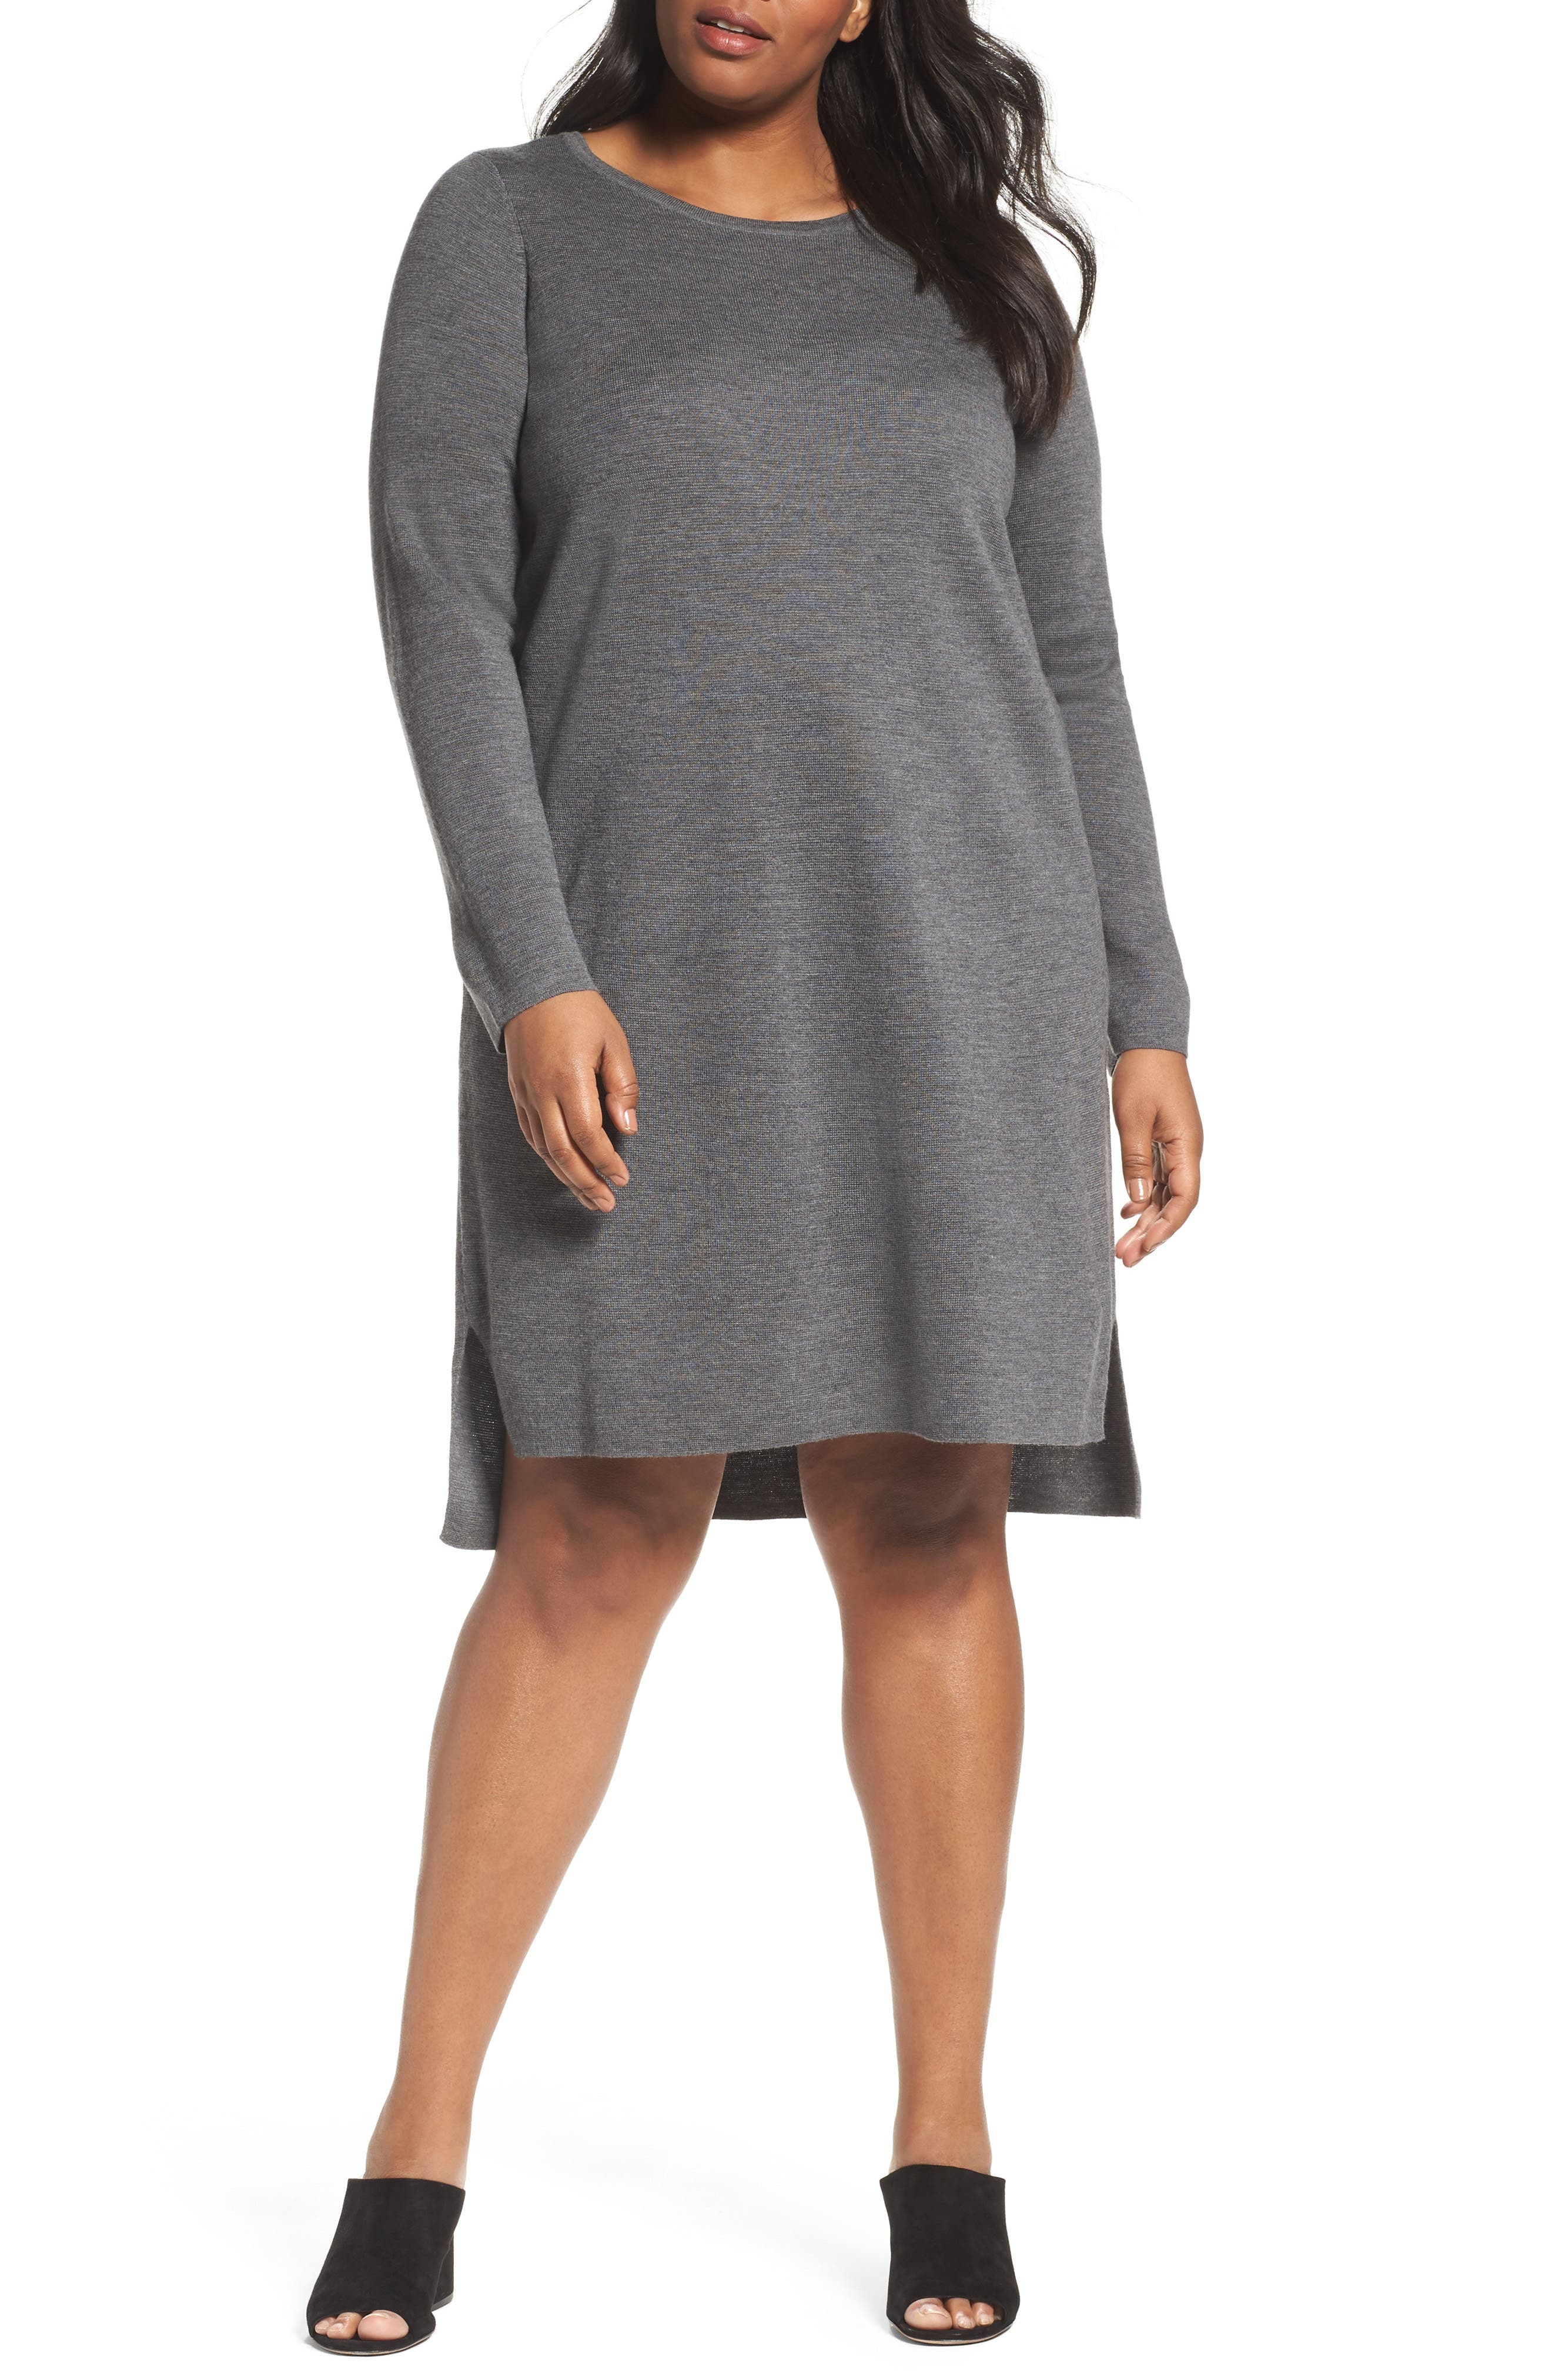 Eileen Fisher Merino Wool Sweater Dress (Plus Size)